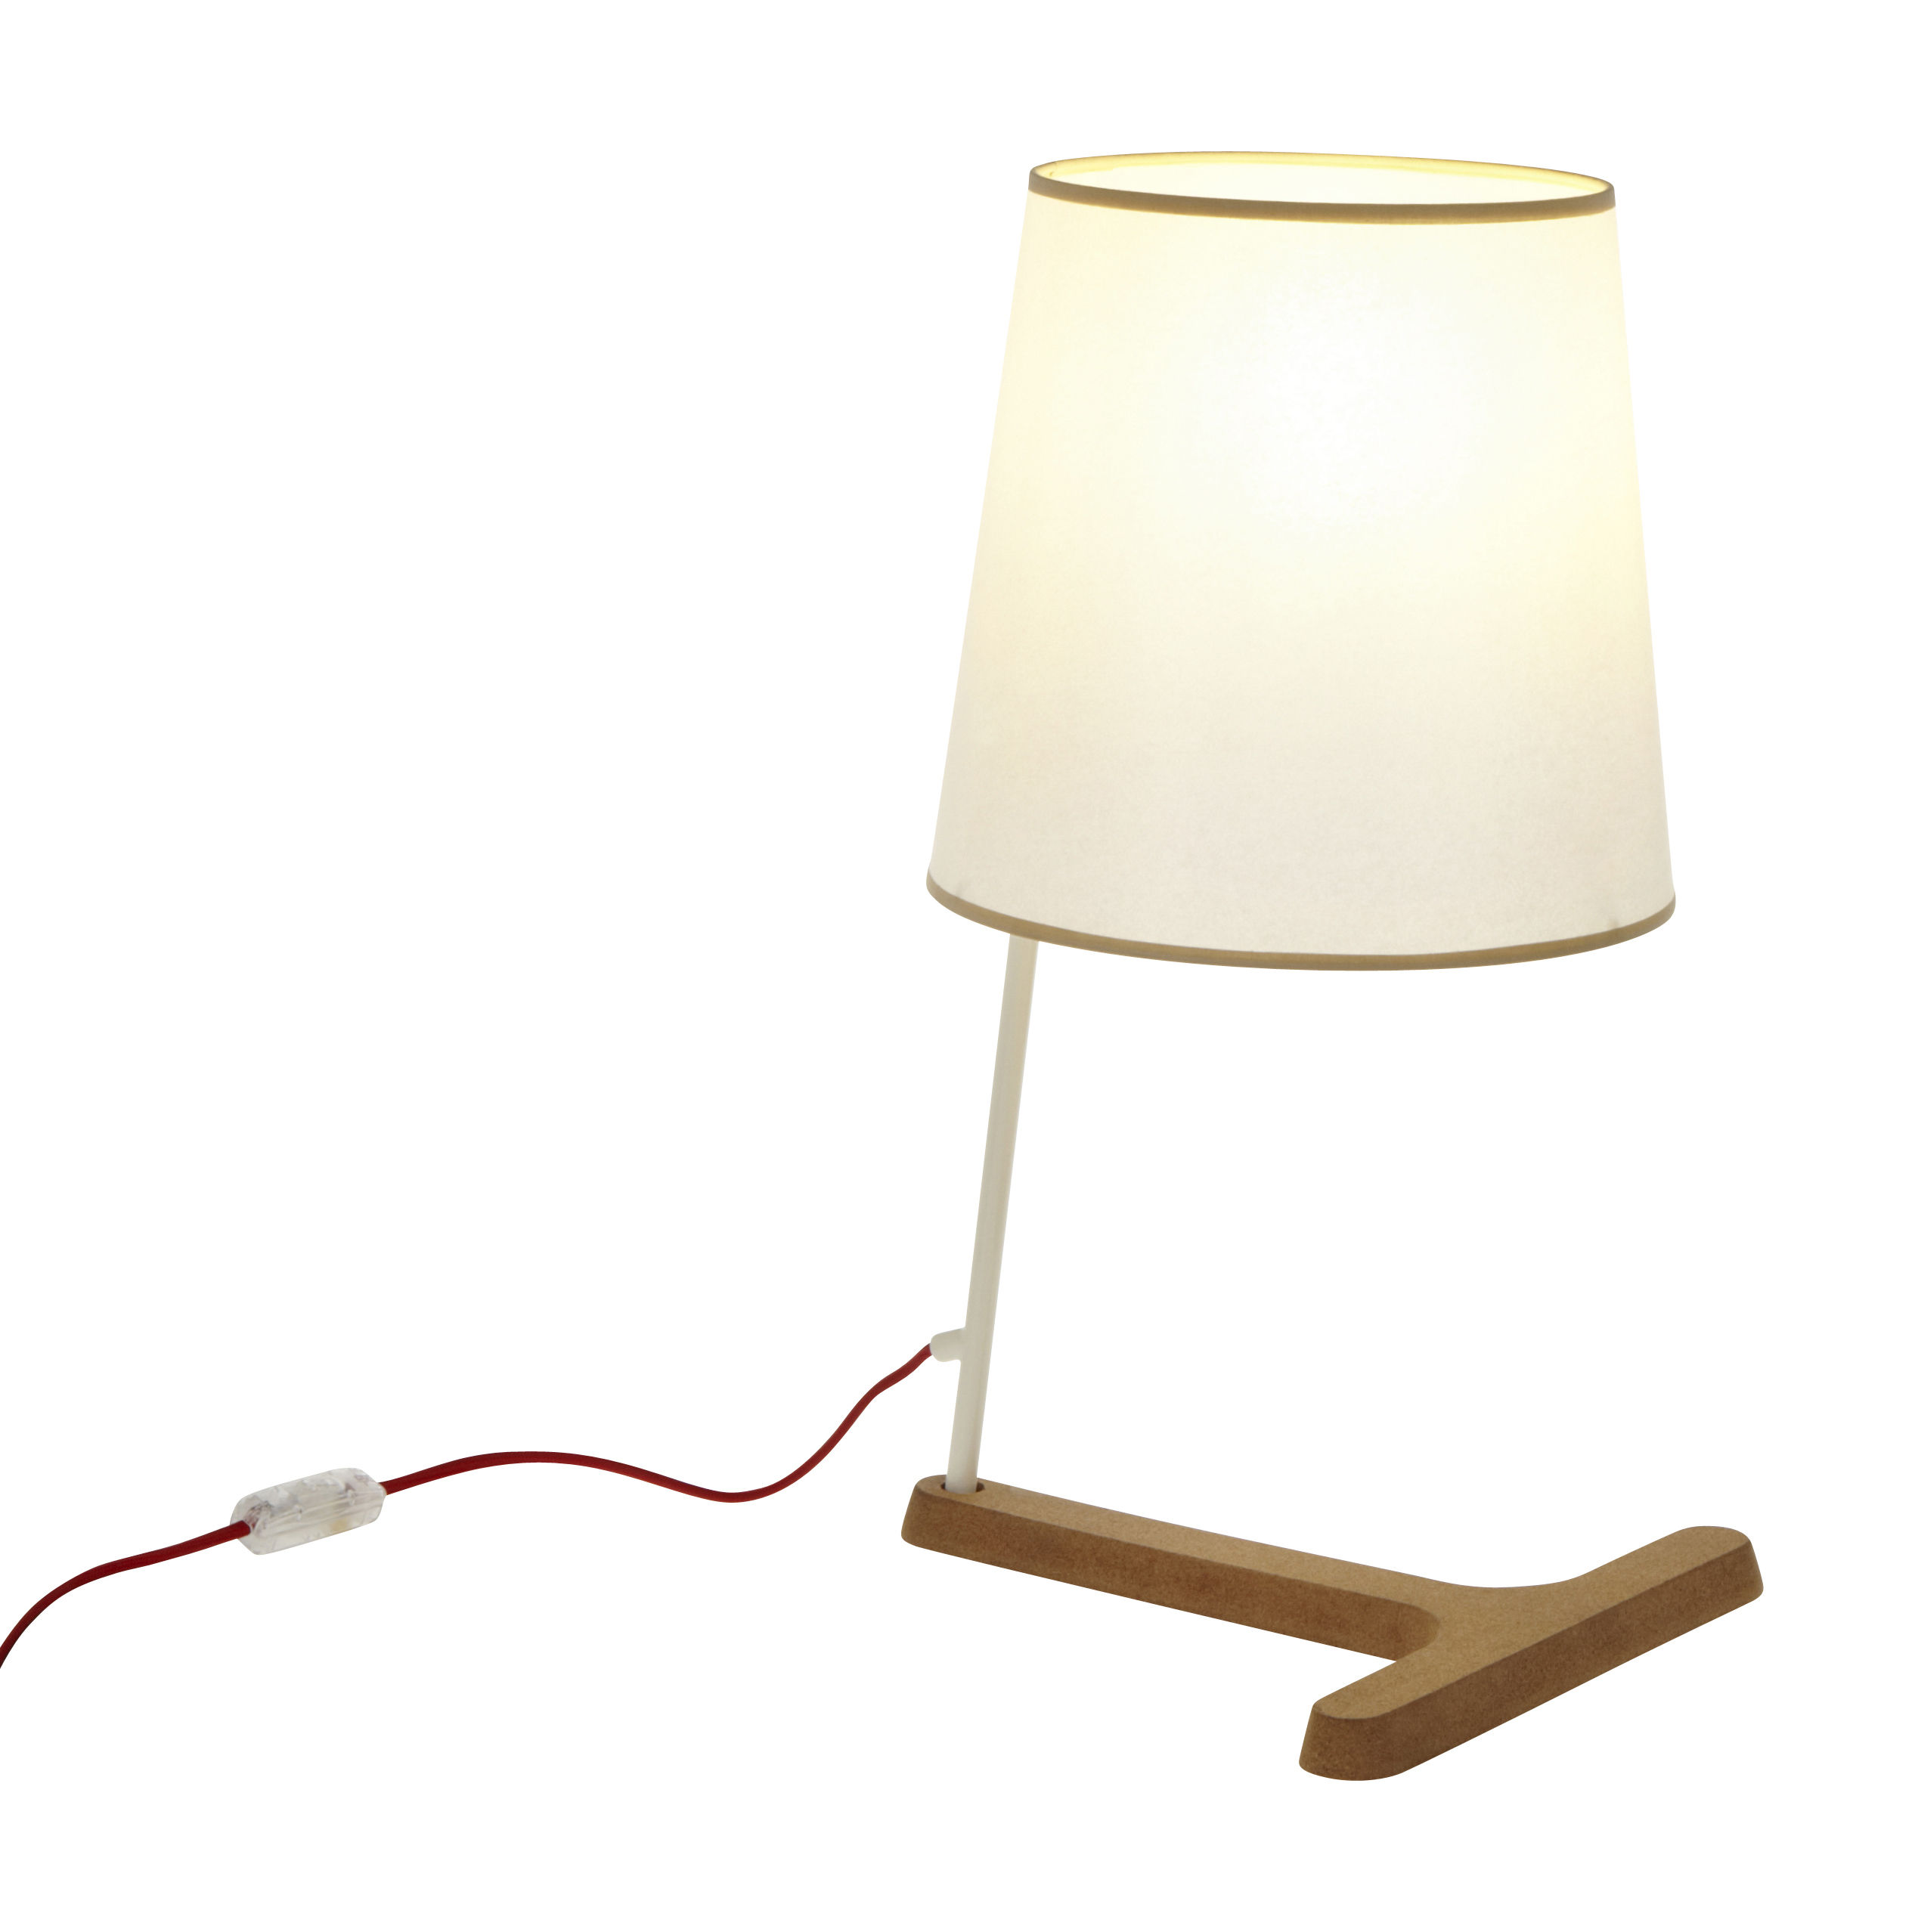 Luminaire - Lampes de table - Lampe de table Cork T-Low H 51 cm - Forestier - Blanc / Liseré beige - H 51 cm - Liège, Matière plastique, Métal